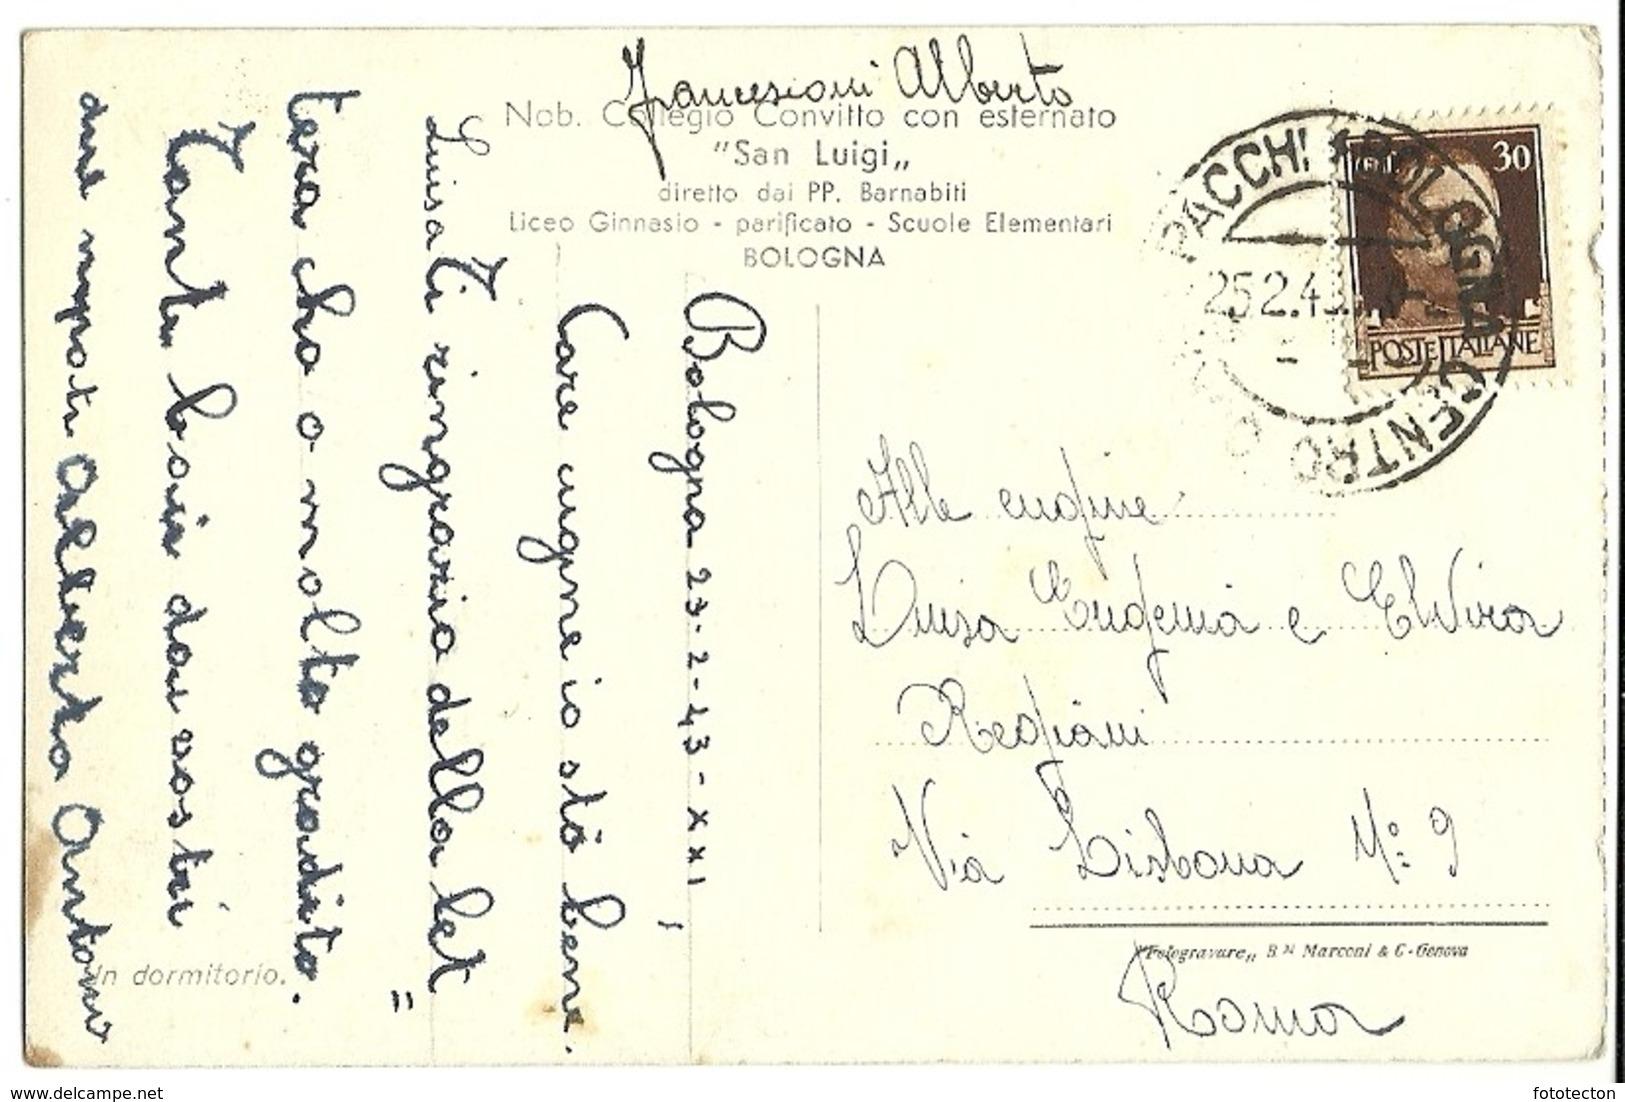 Bologna - Collegio Convitto San Luigi - Dormitorio - 1943 - Scuola - Bologna